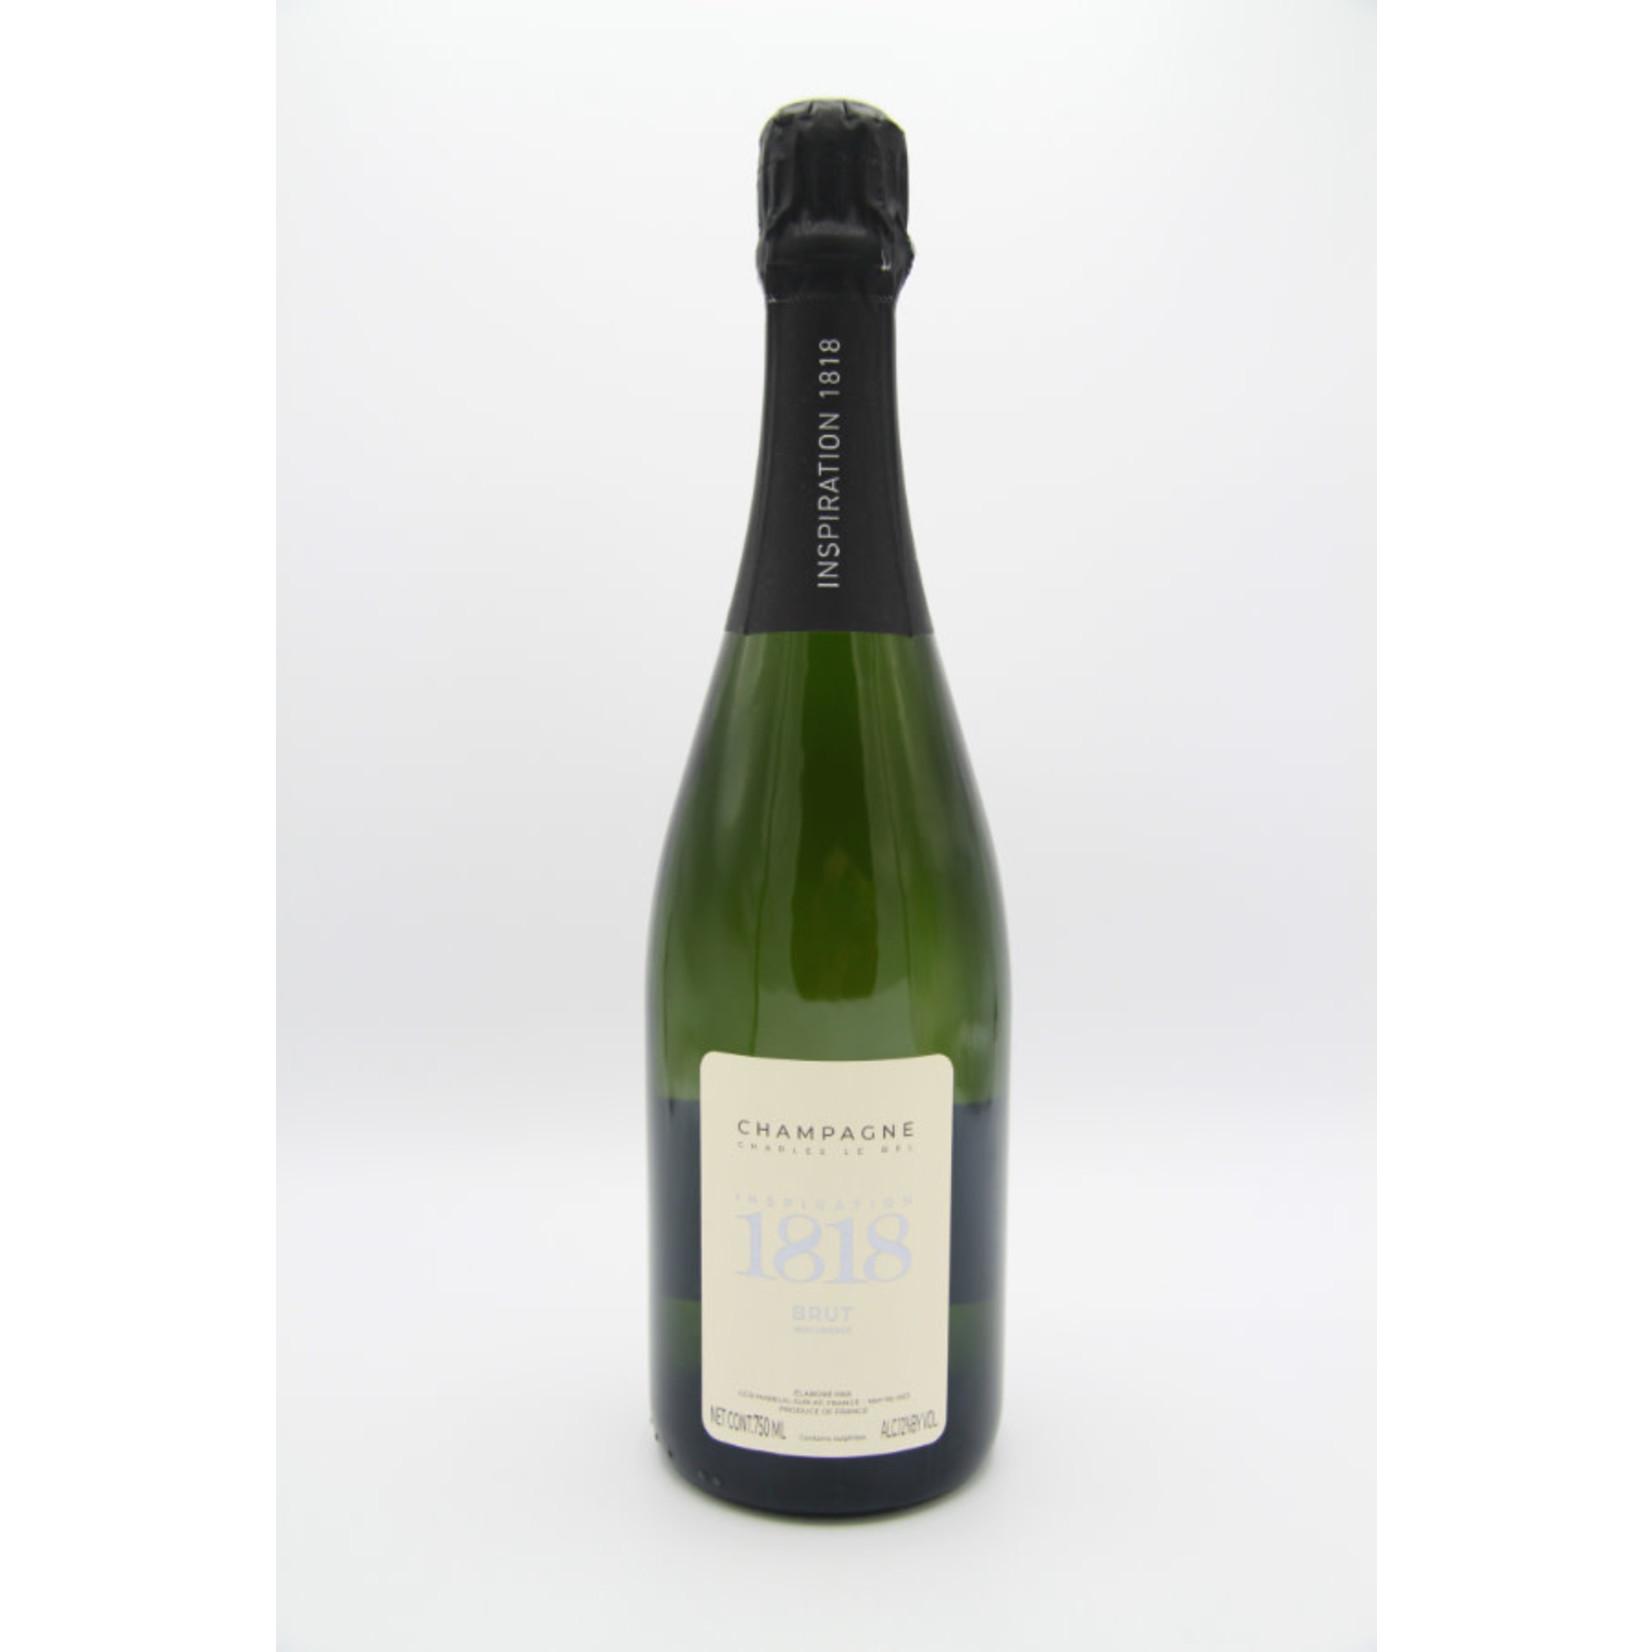 NV Charles le Bel 'Inspiration 1818' Brut Champagne